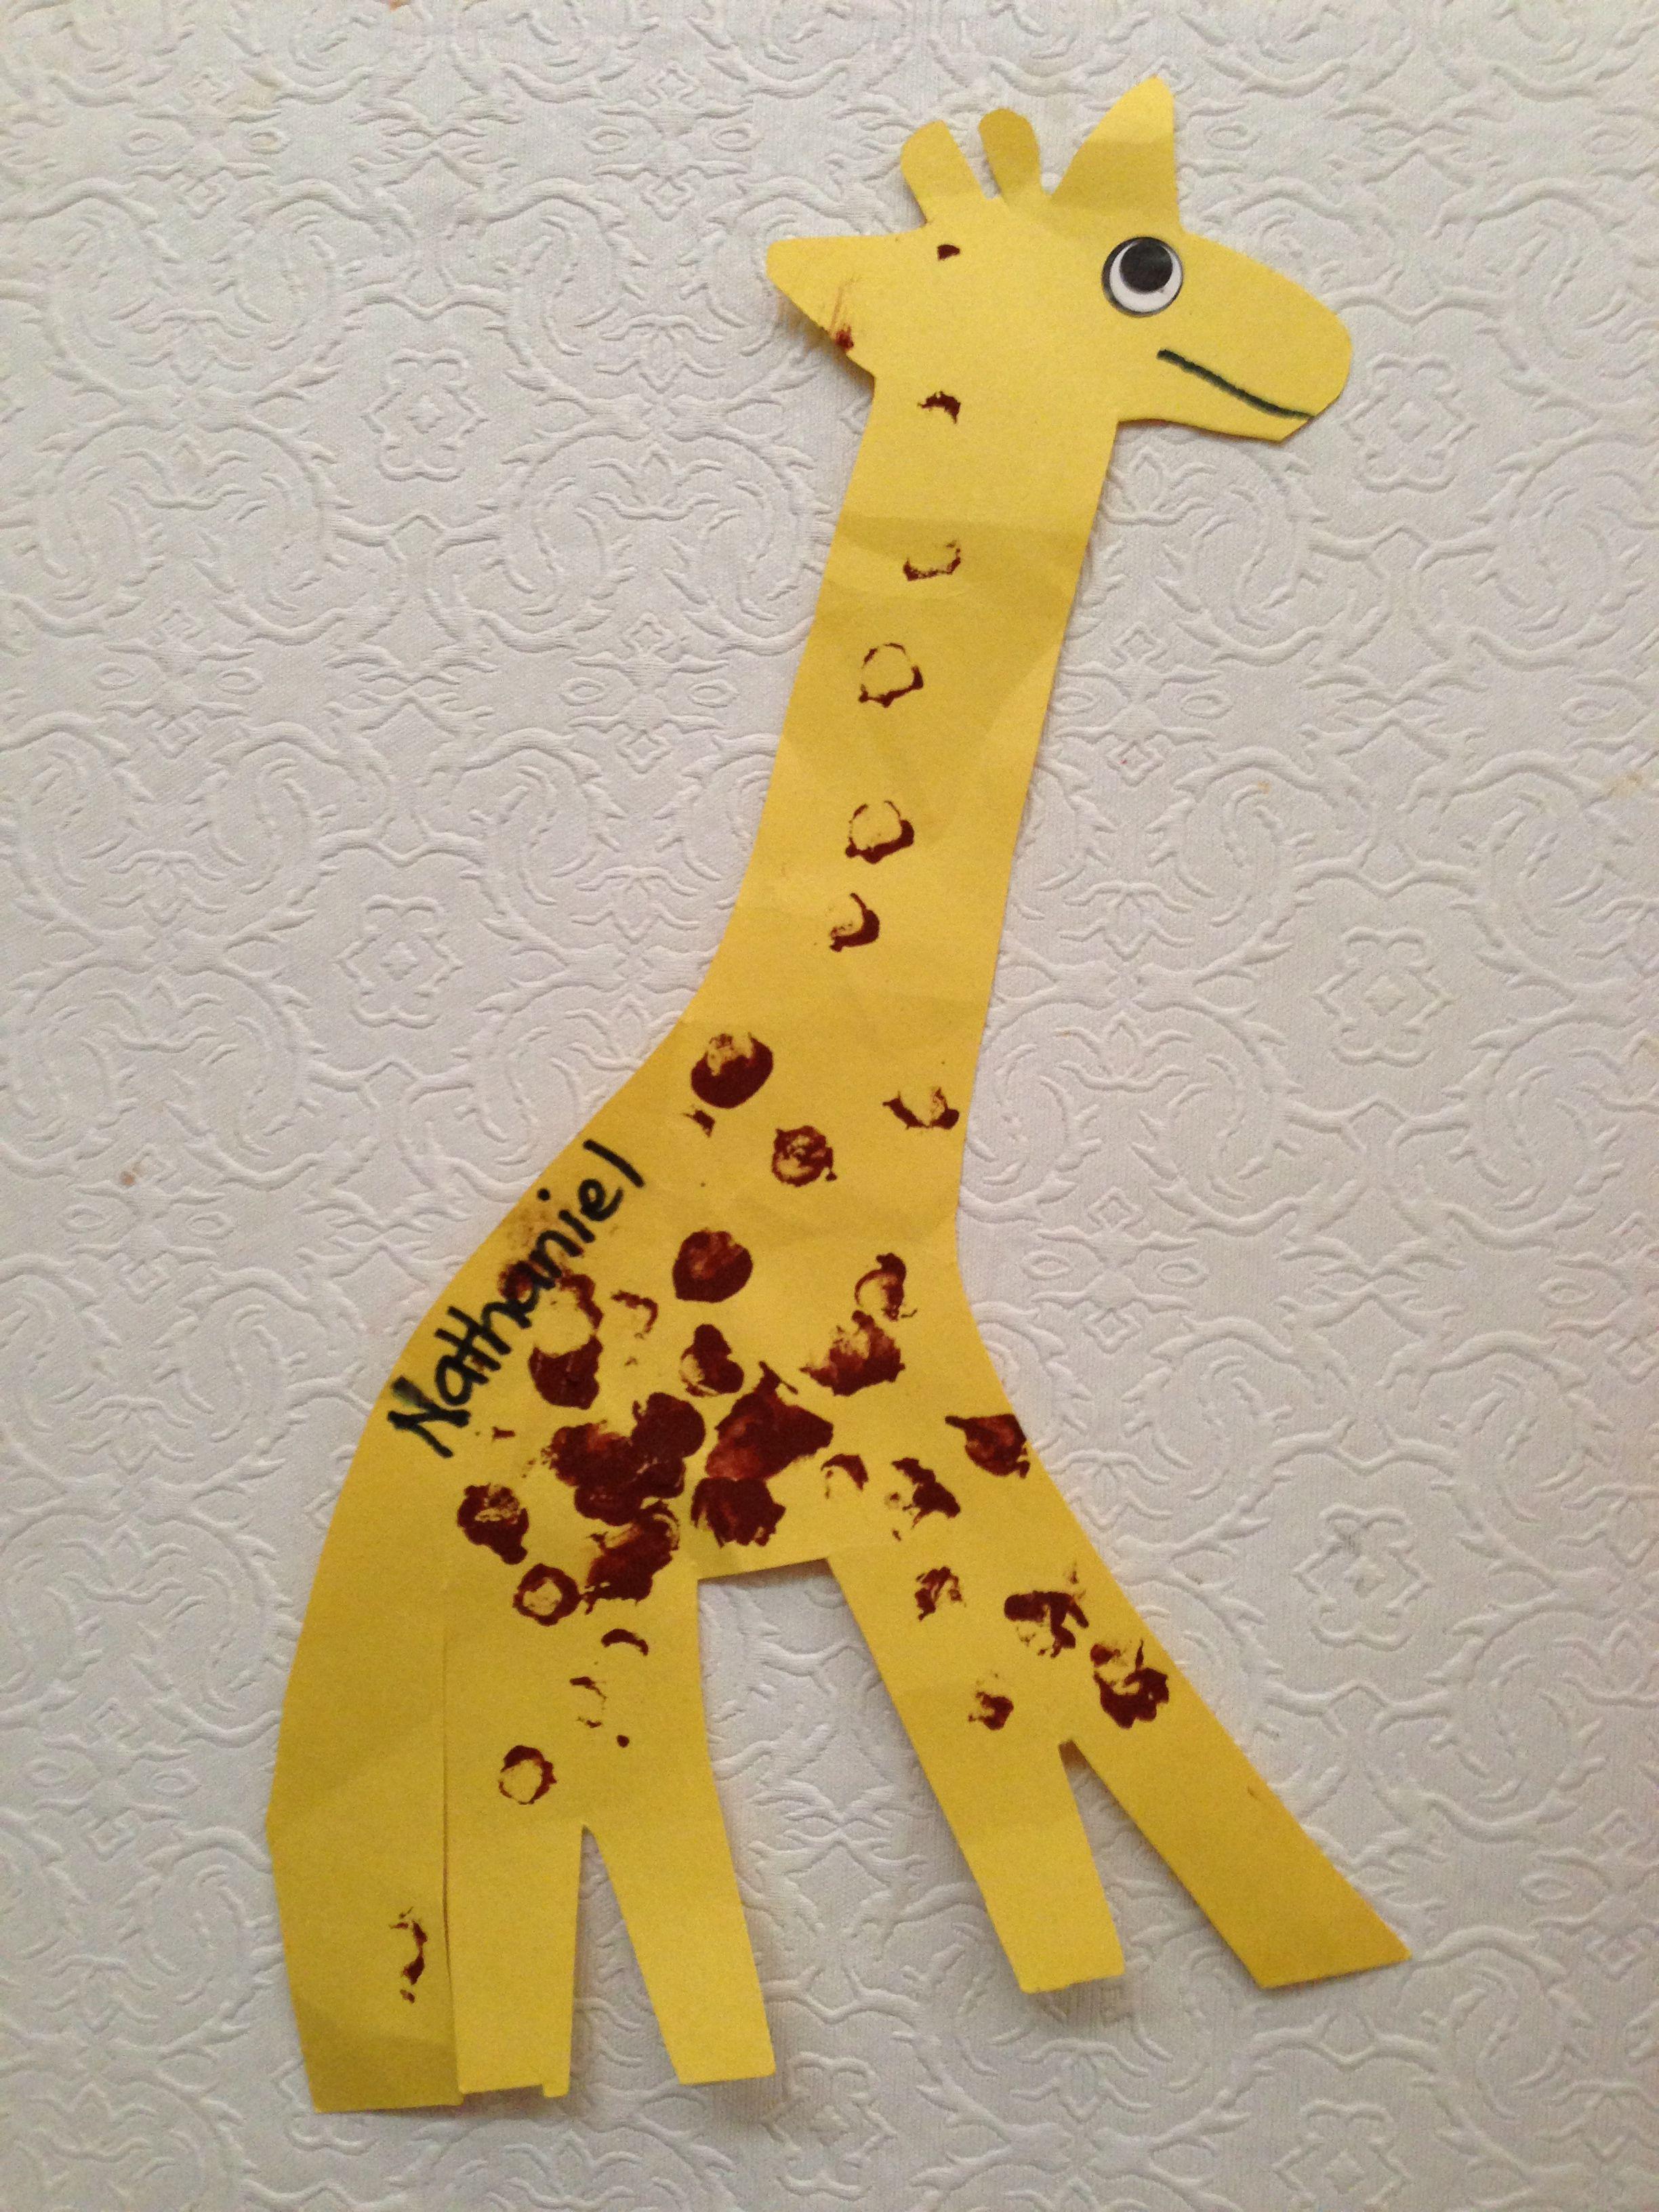 Preschool Craft Finger Paint Spots On The Giraffe